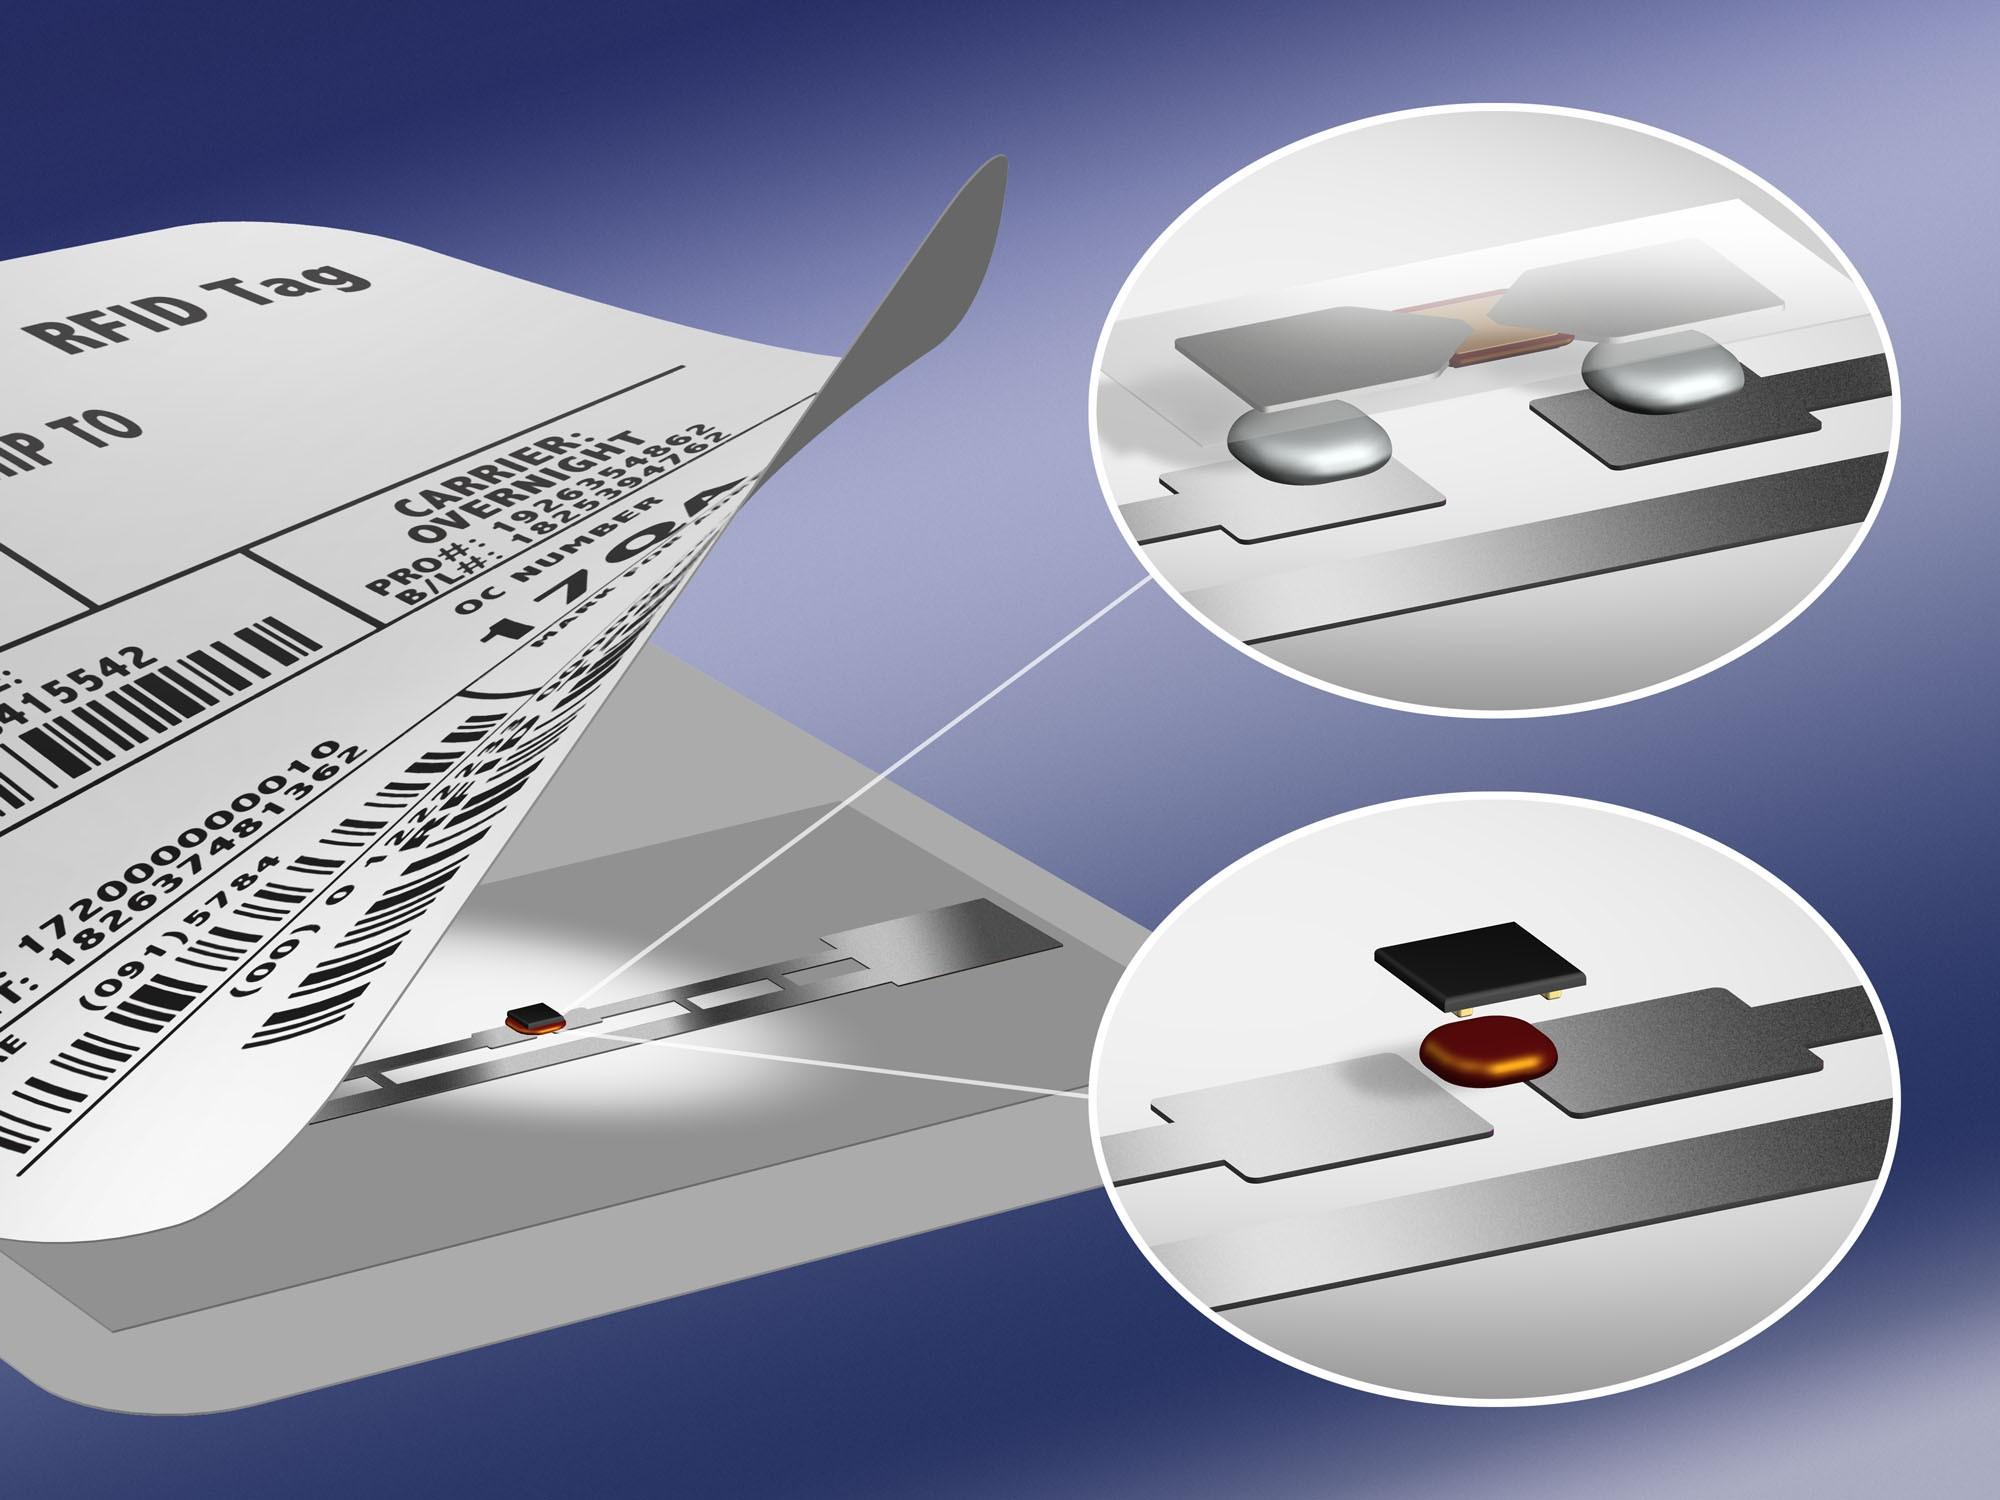 Áp dụng công nghệ RFID vào thẻ VETC